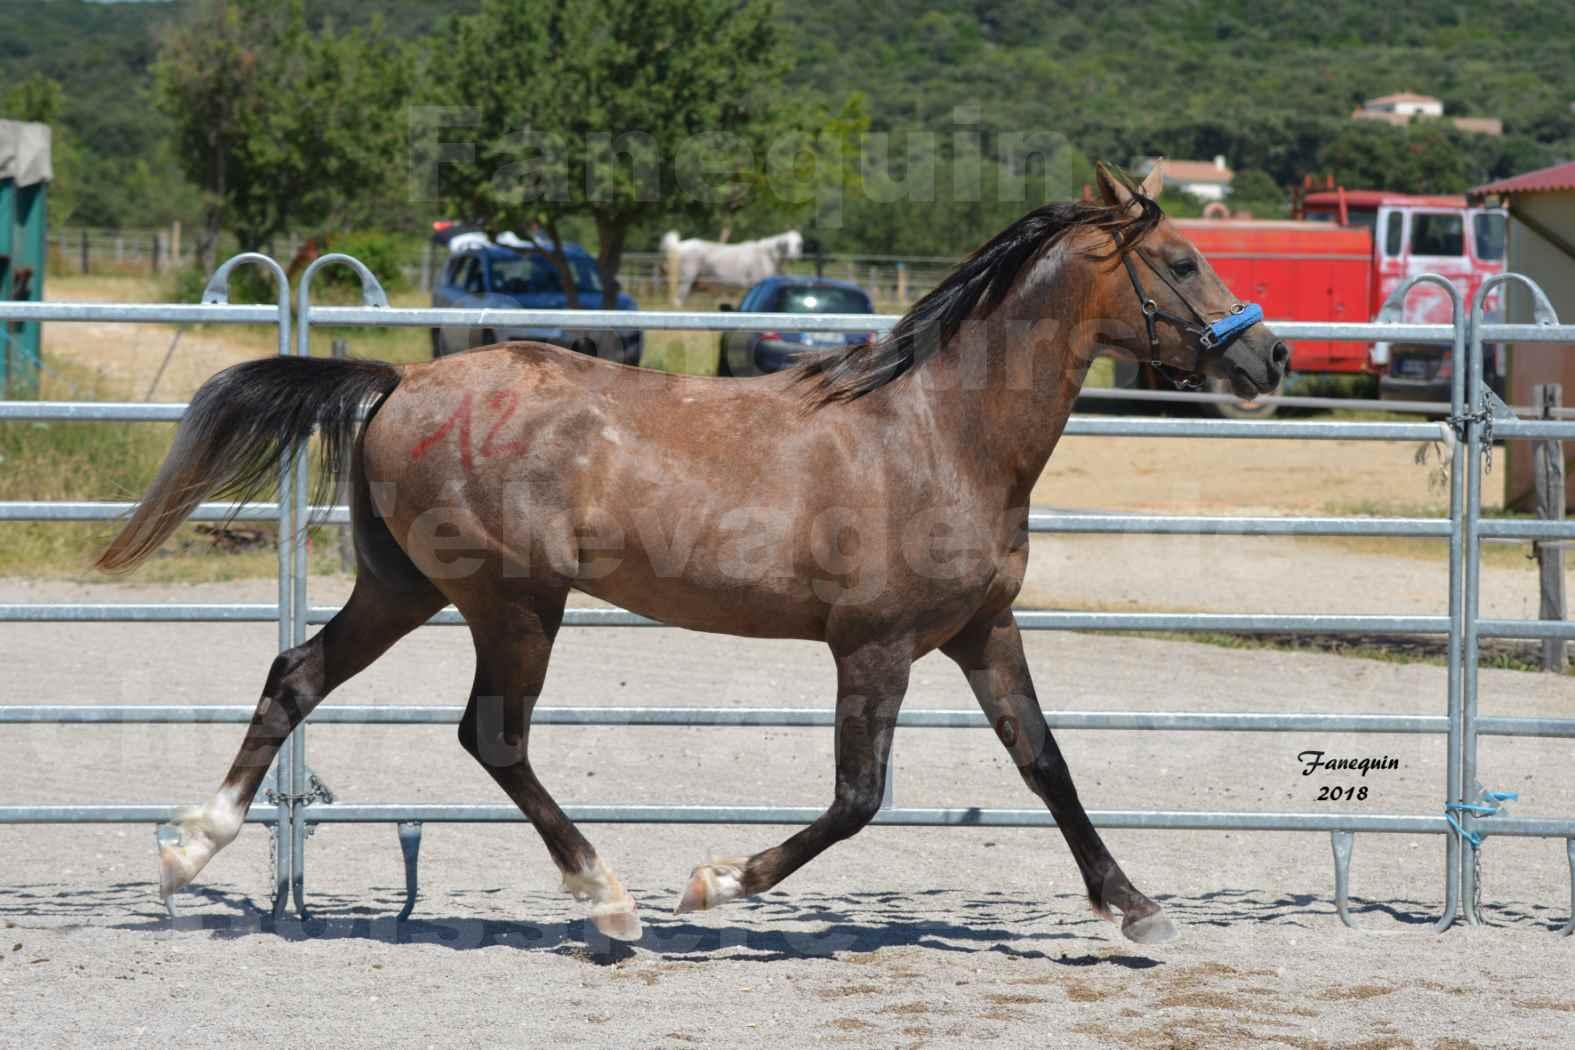 Concours d'Elevage de chevaux Arabes  le 27 juin 2018 à la BOISSIERE - MAREK LOTOIS - 5